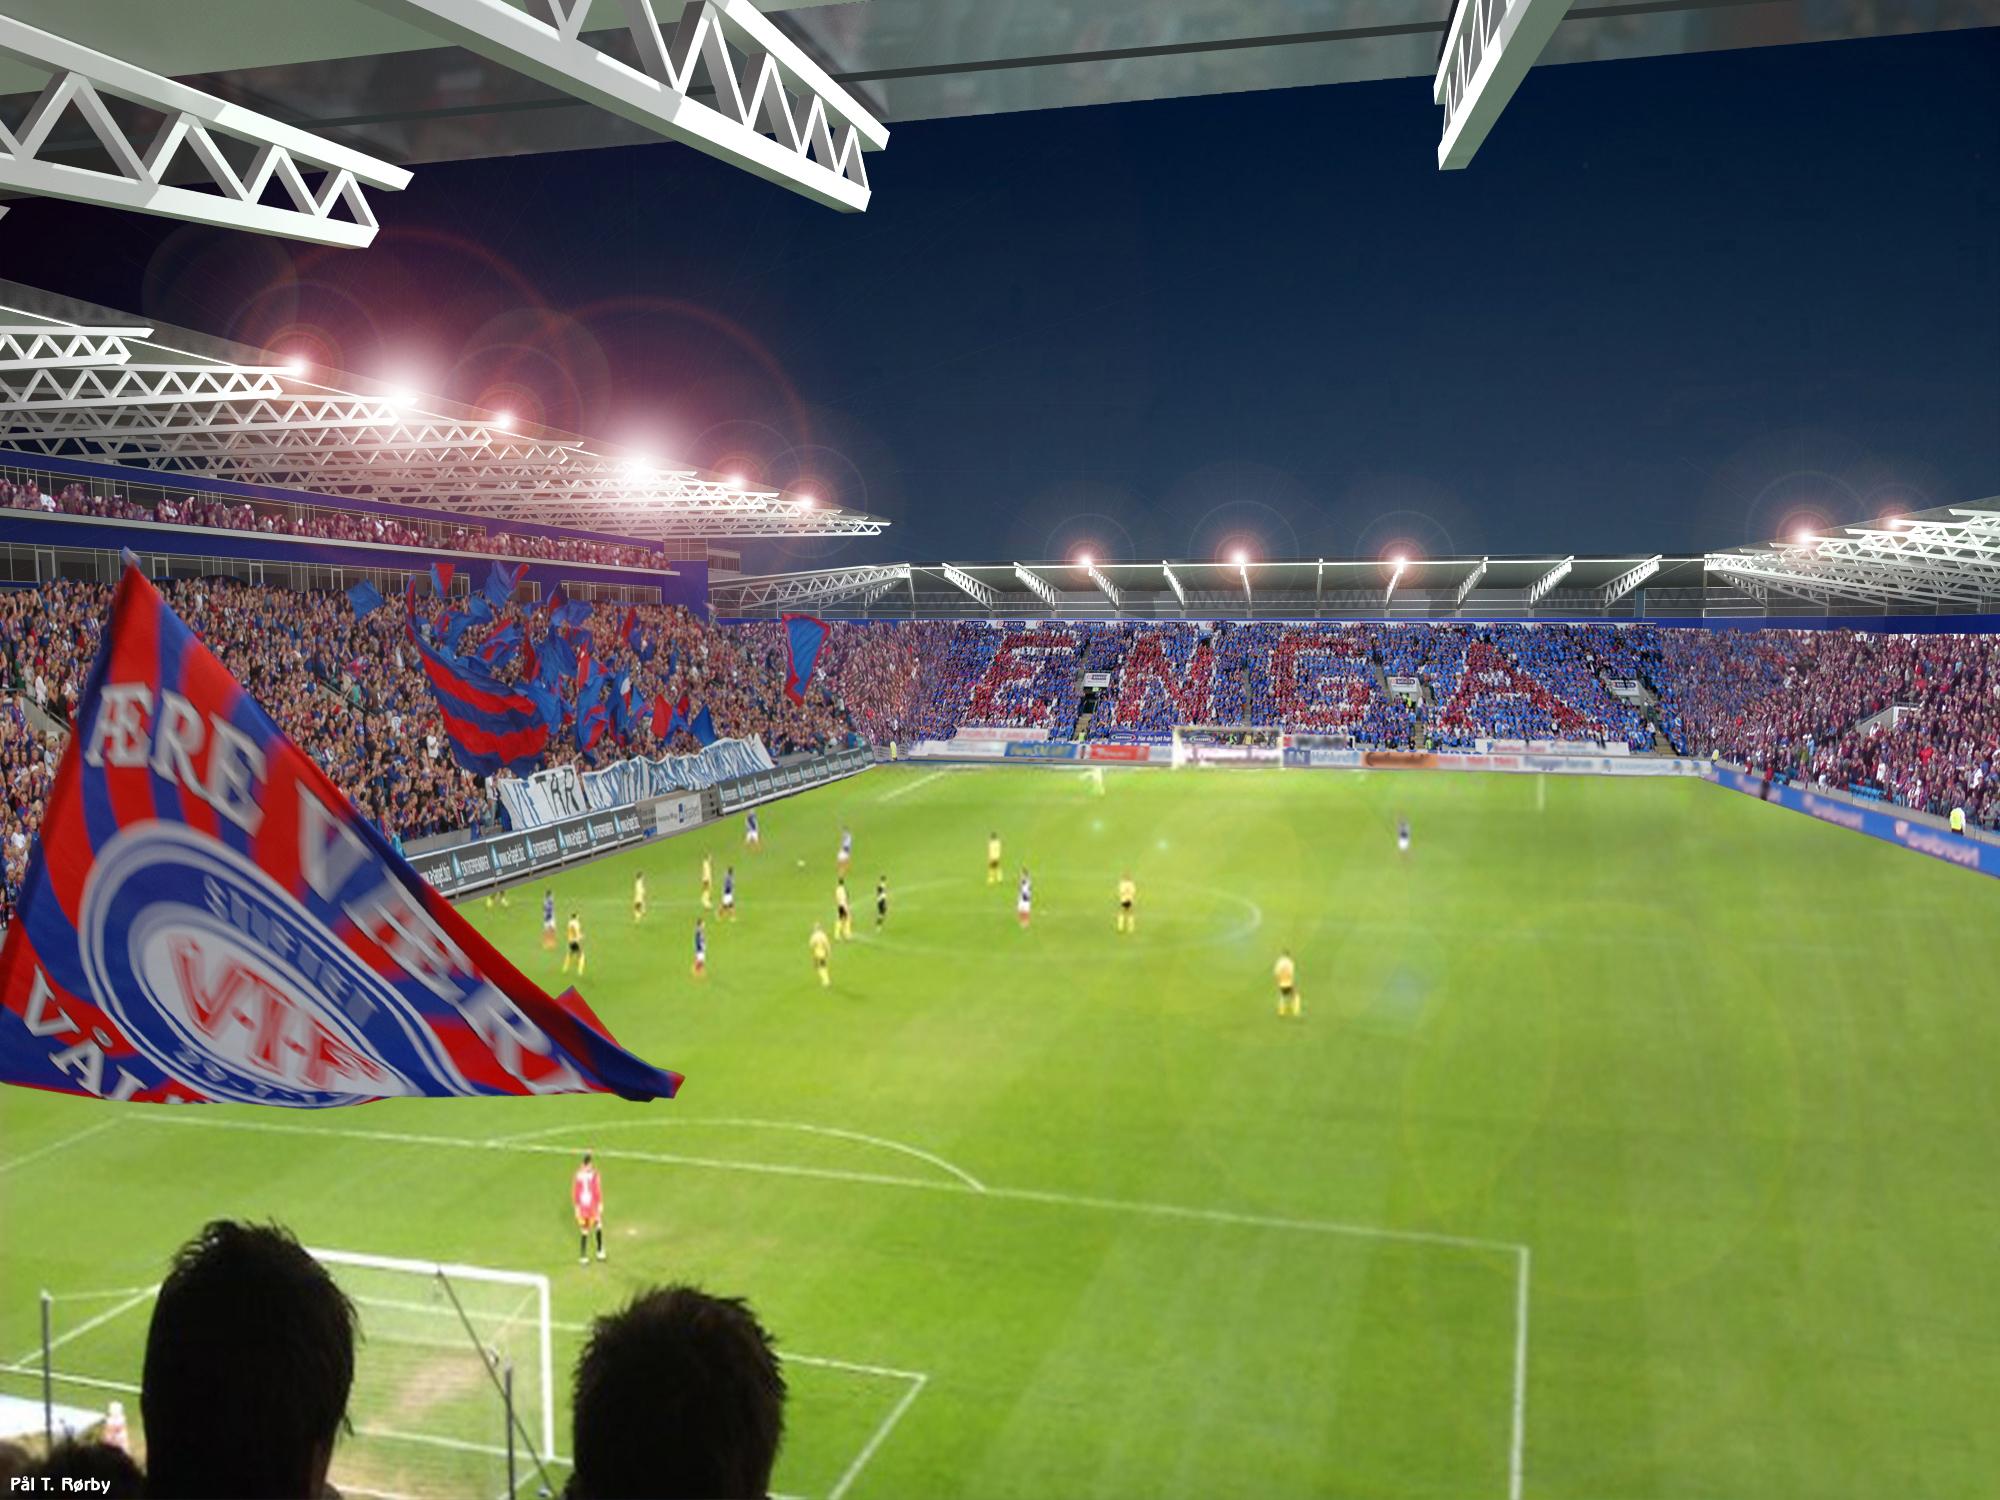 Bilde av Vålerenga Stadion med tilskuere